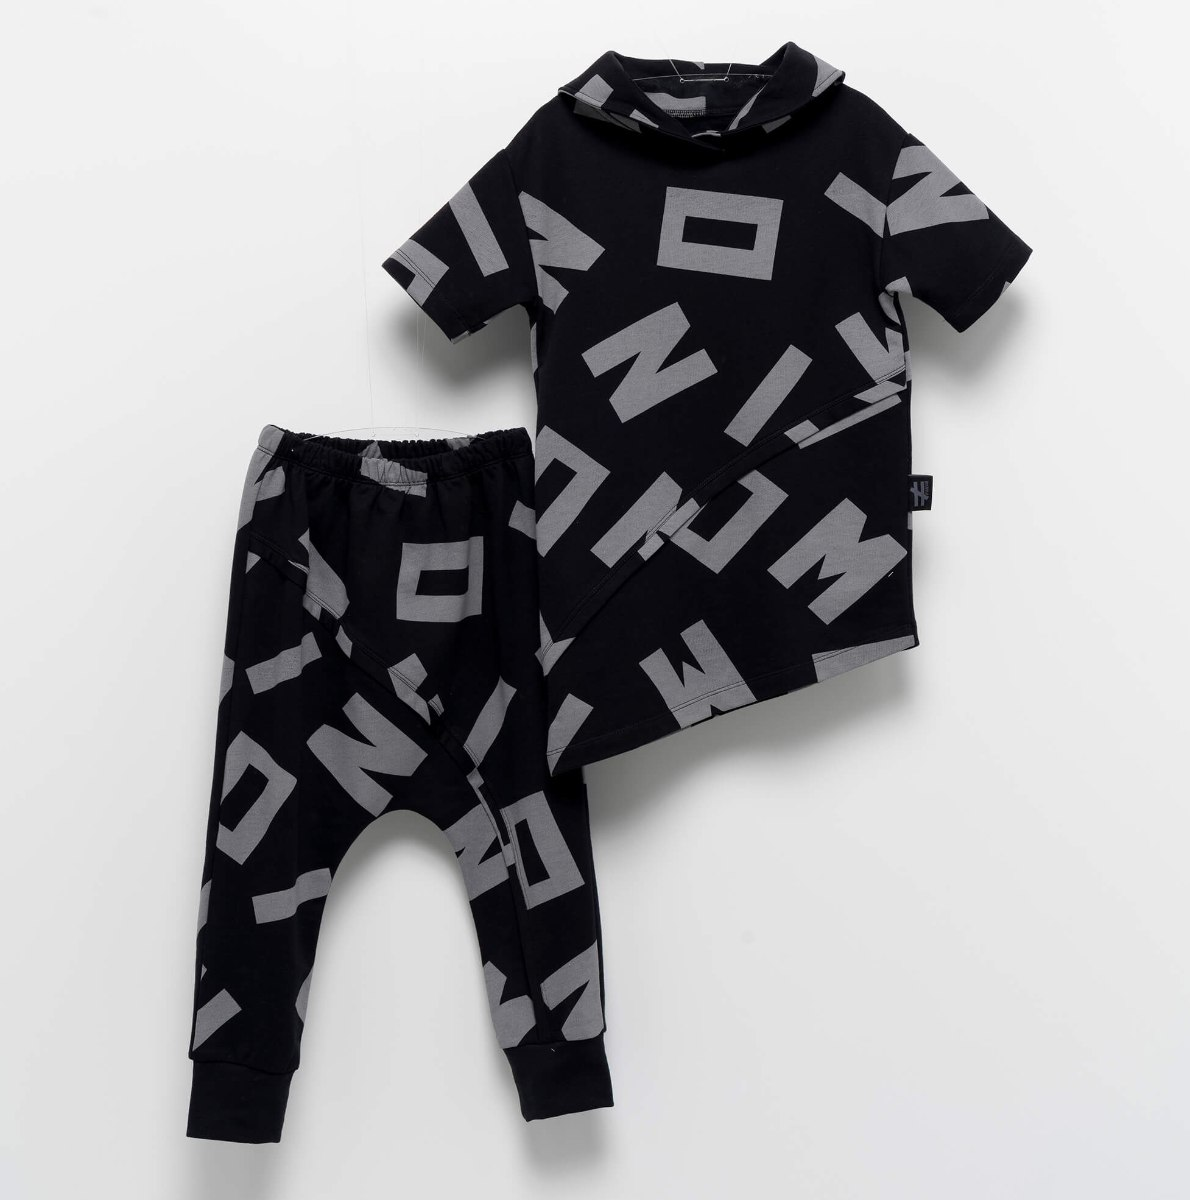 חליפת אותיות א-סימטרית MOI NOI מידות - 6 חודשים עד 5 שנים